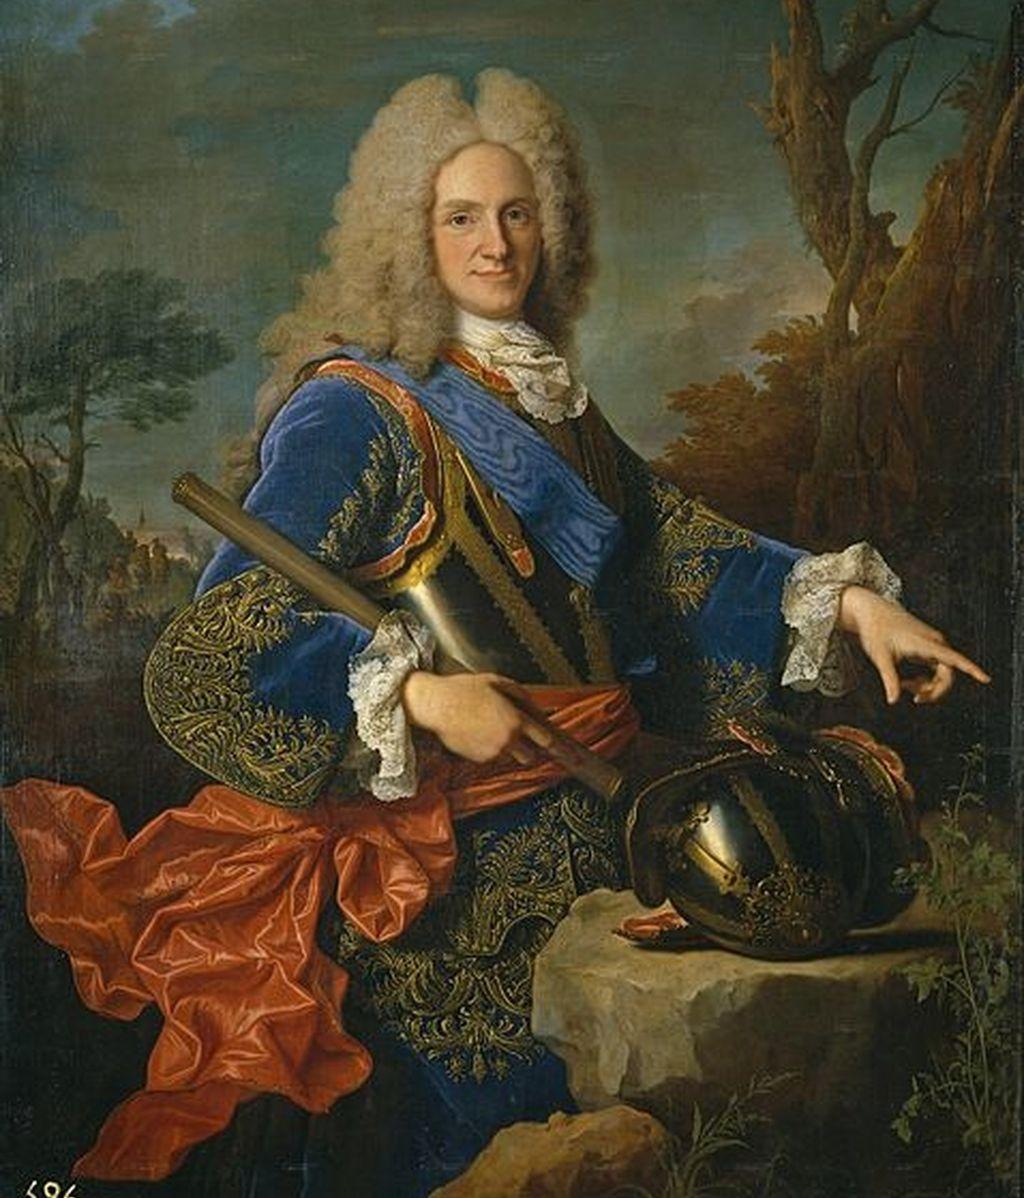 Retrato del rey Felipe V de España